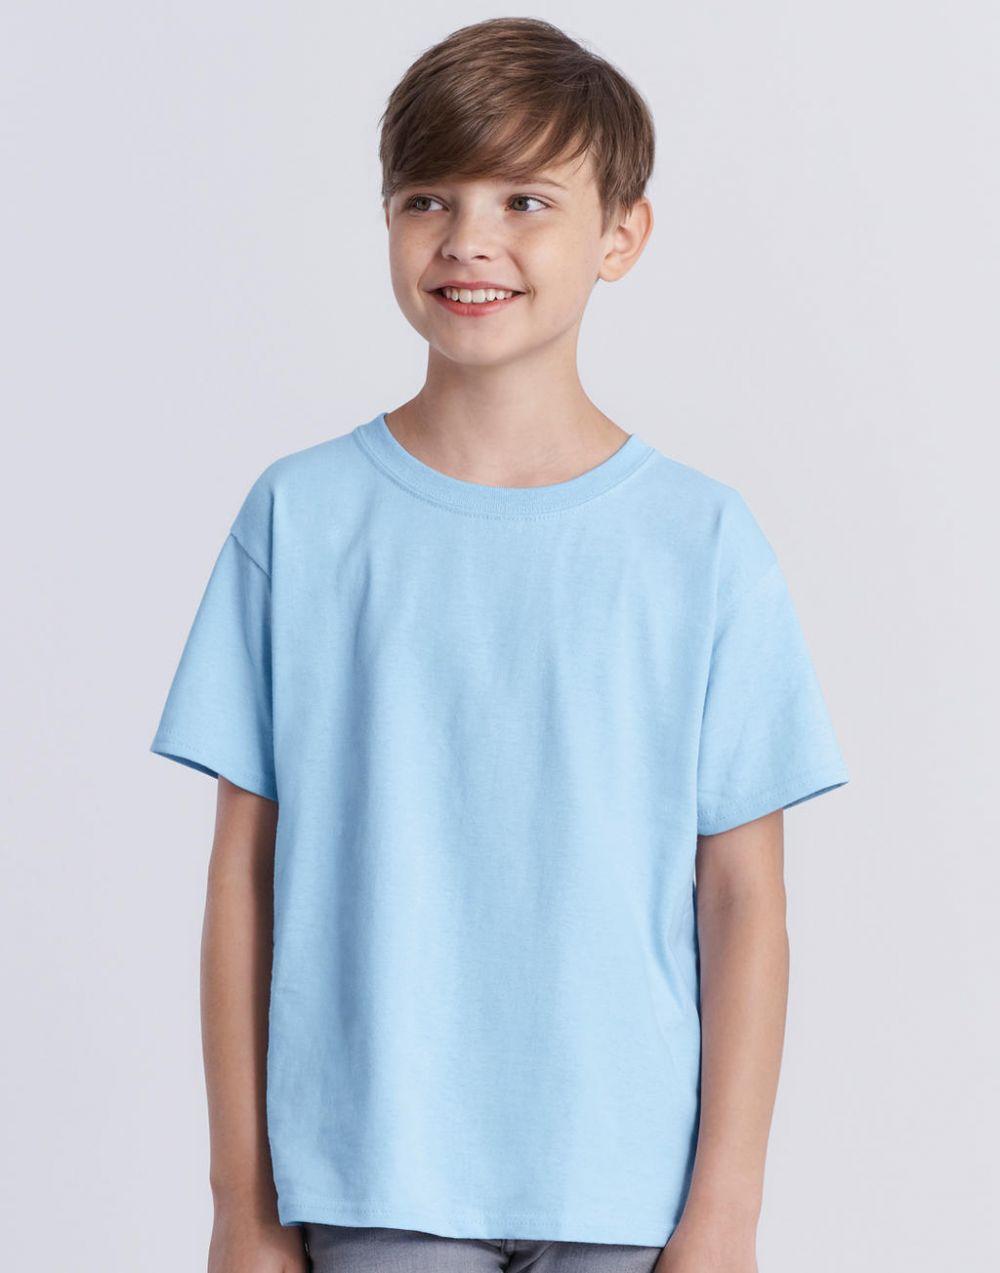 Camisetas manga corta gildan heavy niño imagen 1